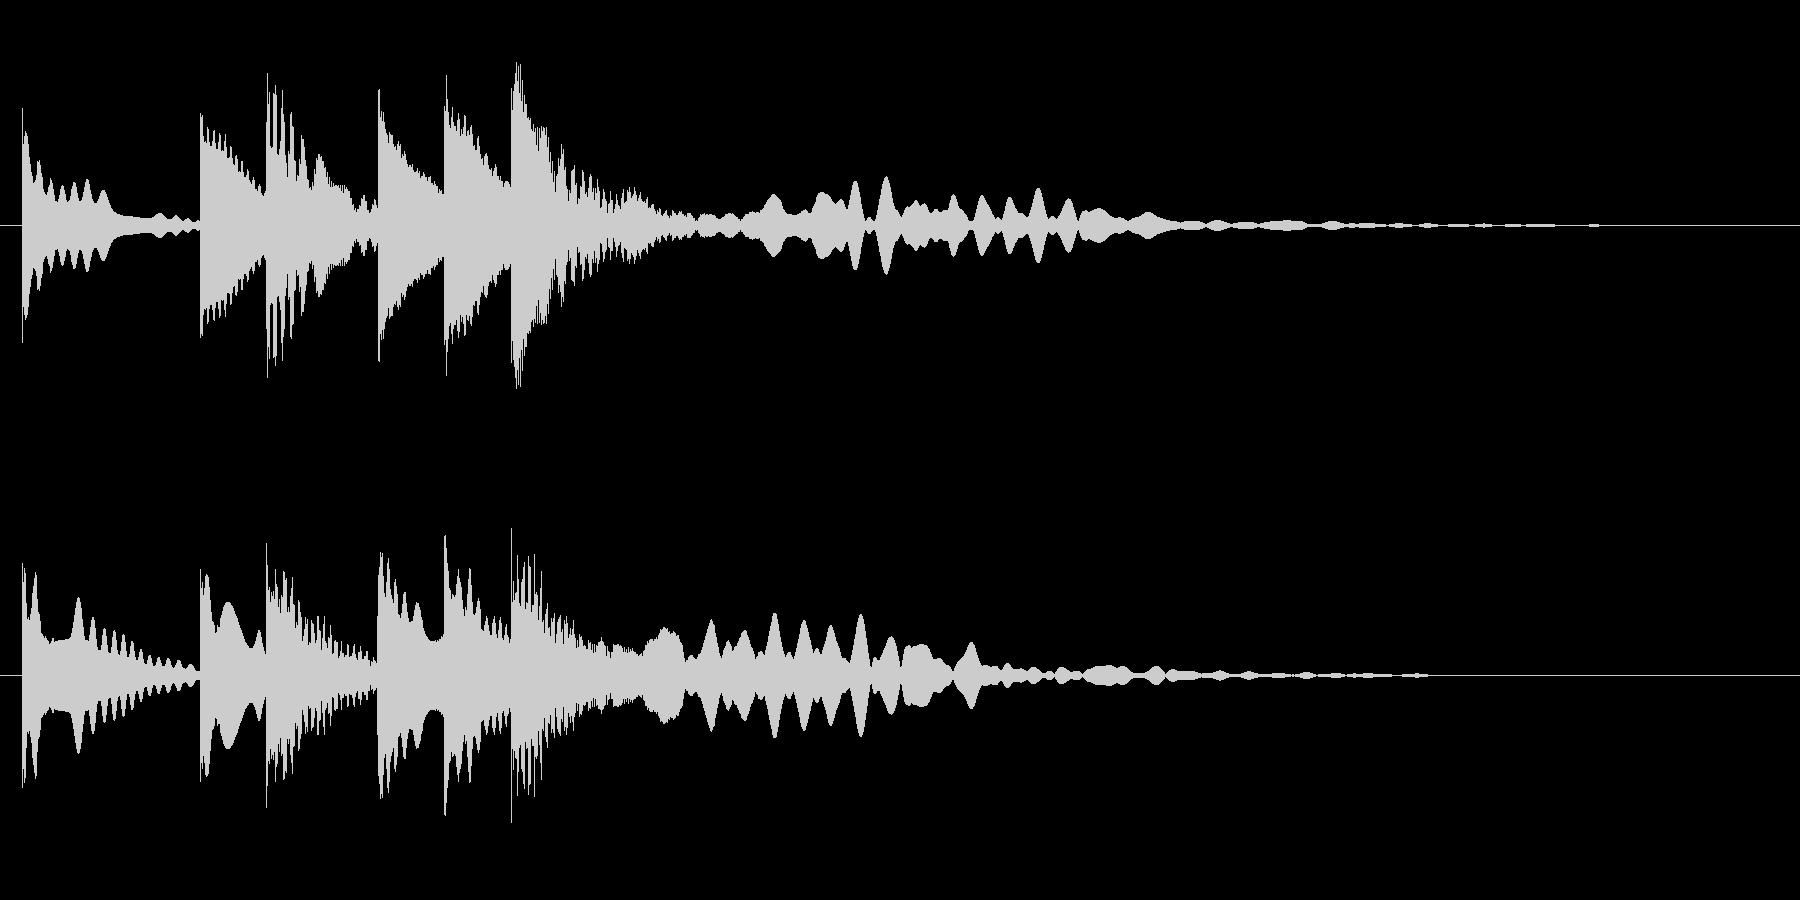 オルゴール音のミステリアスな場面転換音の未再生の波形